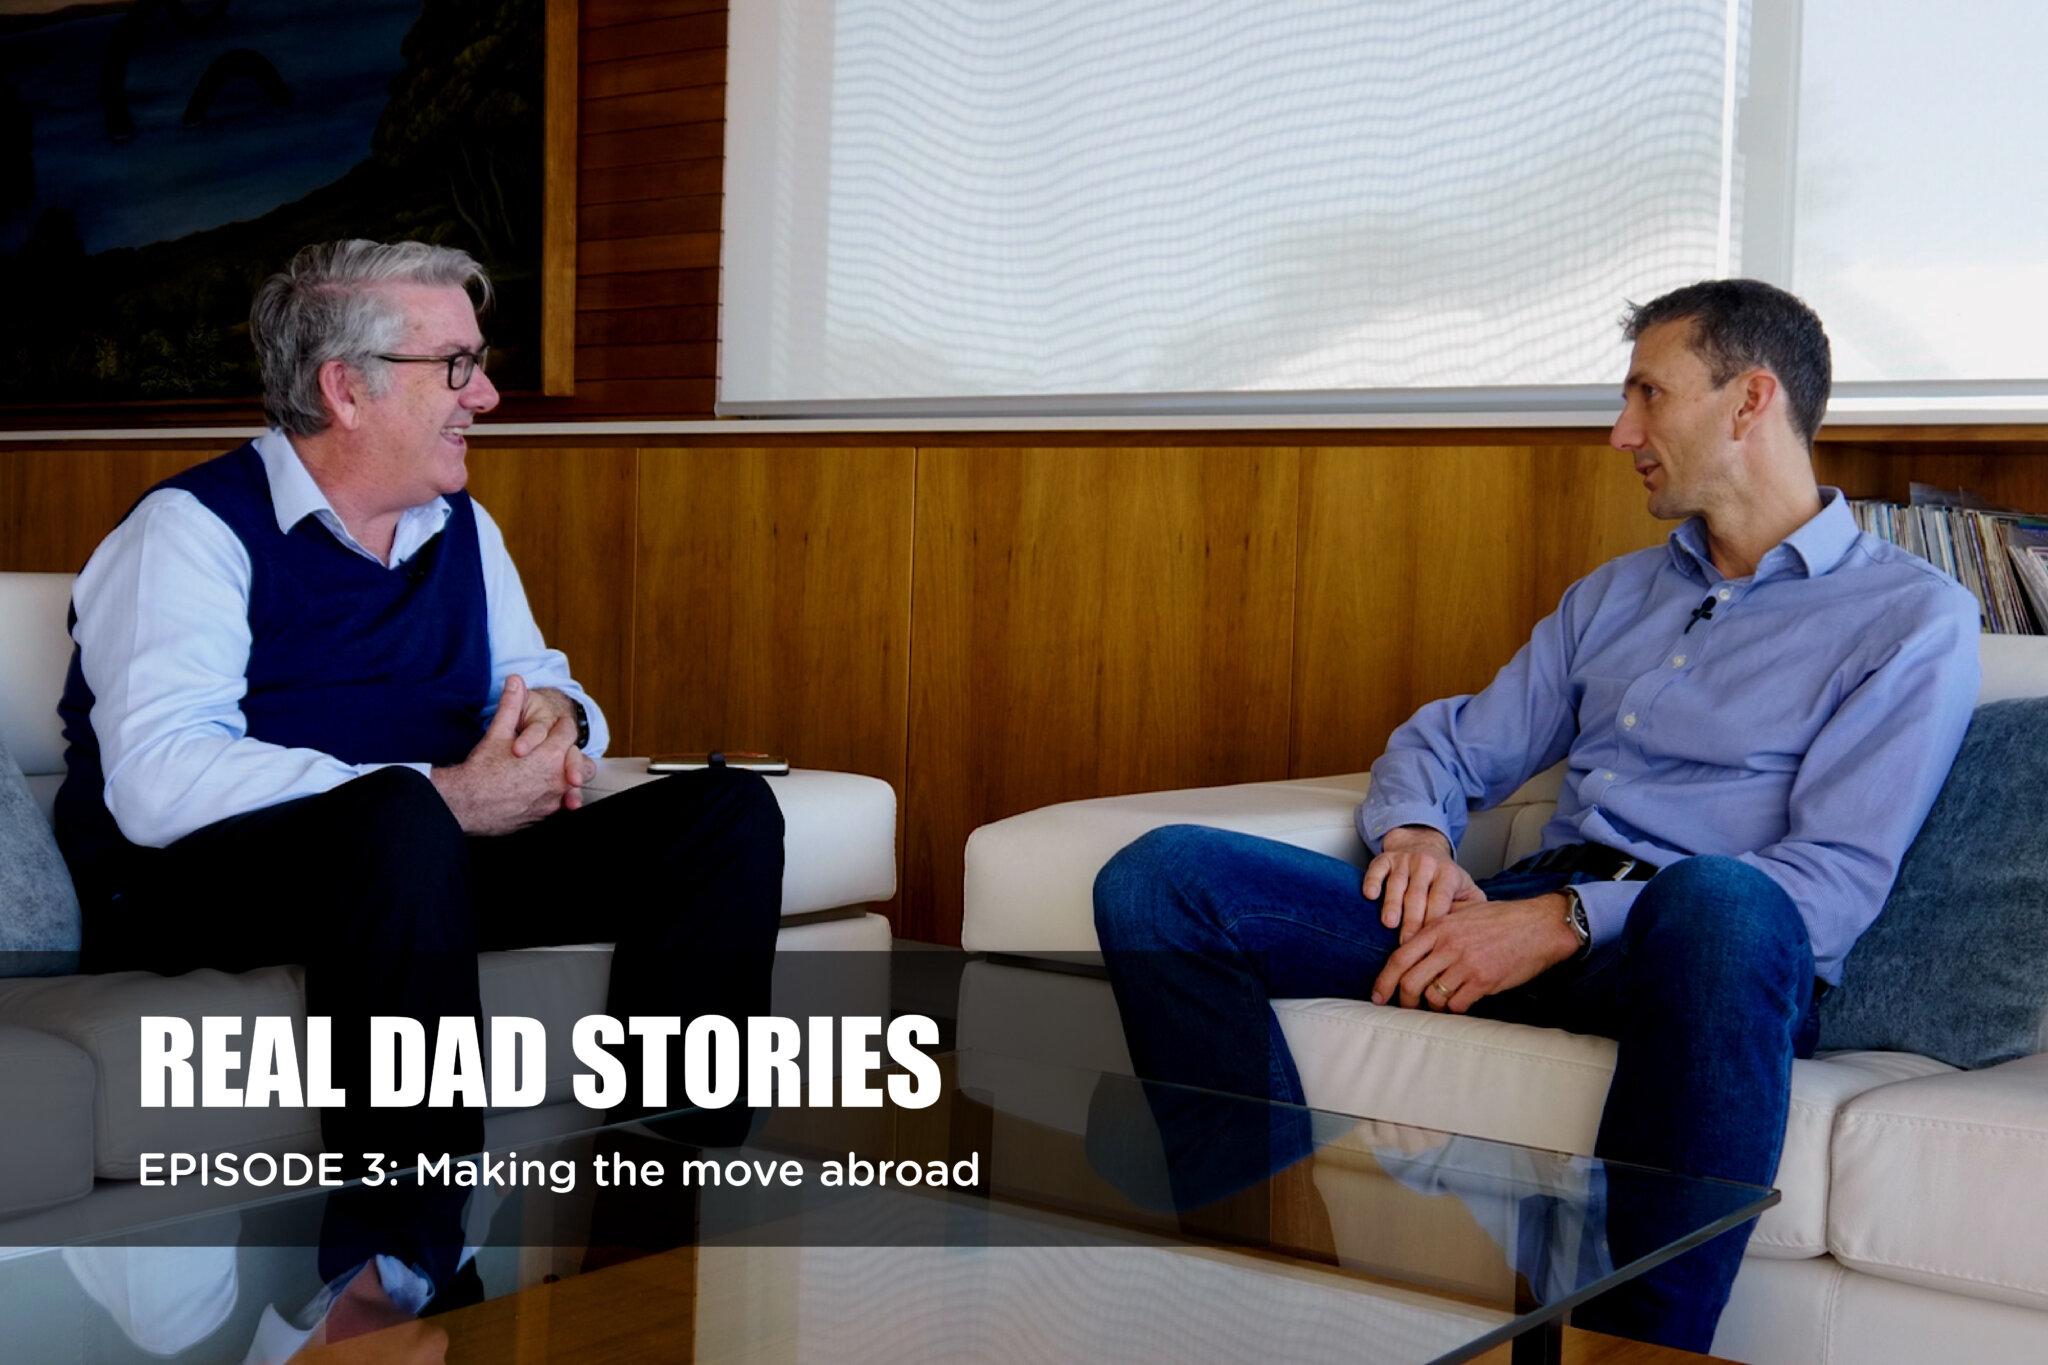 Real Dad Stories Episode 3 – Meet Mark Goodacre